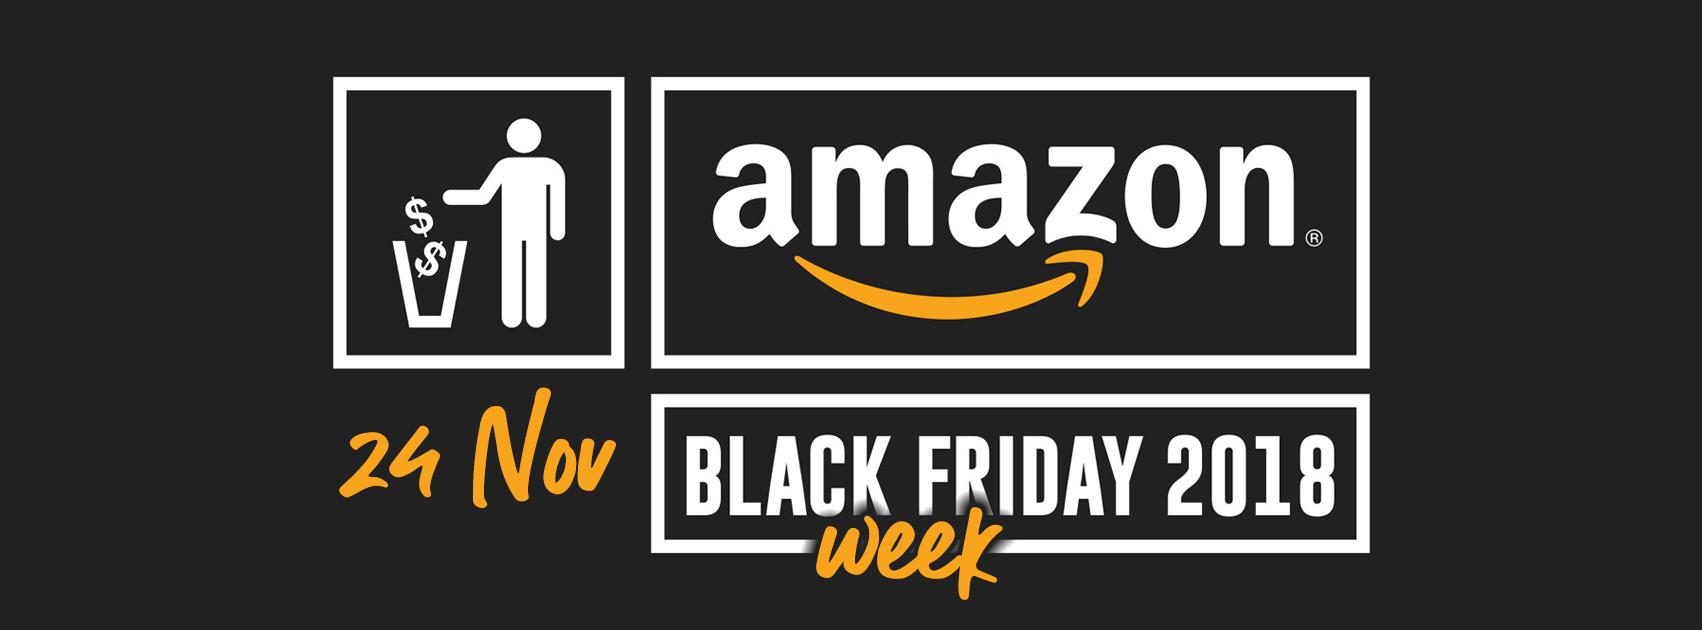 Amazon Black Friday 2018: Le migliori offerte di Sabato 24 novembre